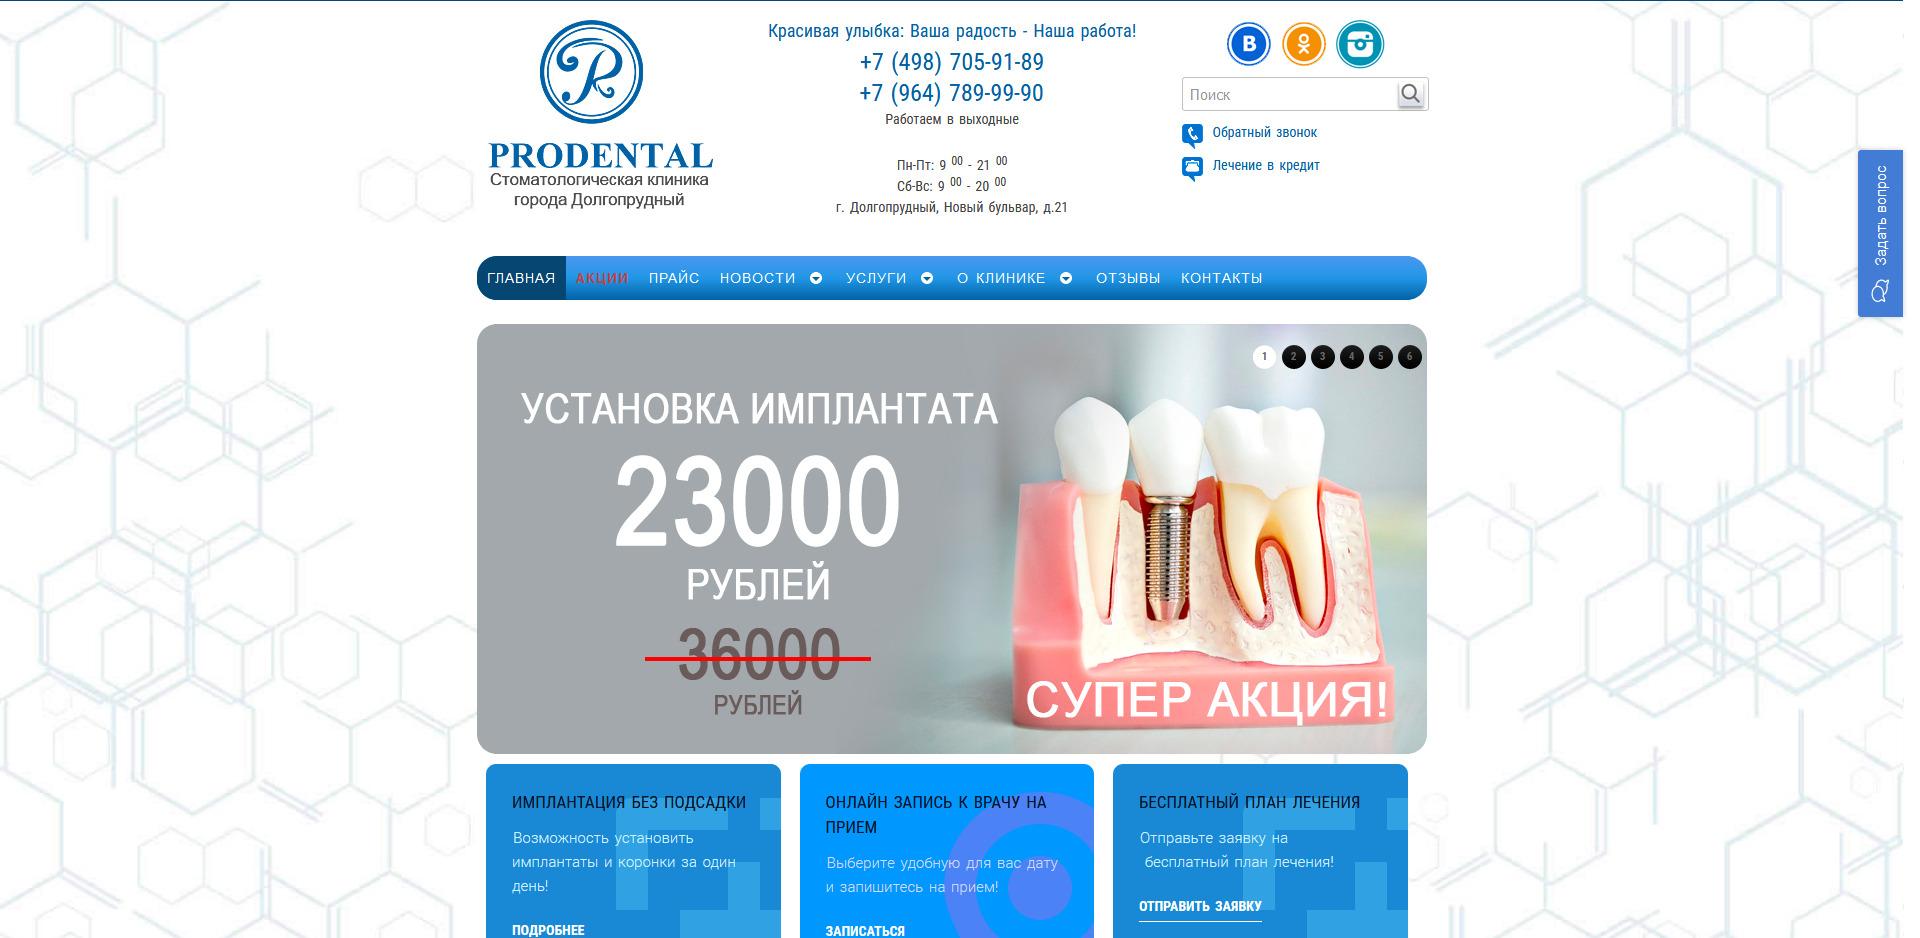 Быстрый бесплатный аудит сайта стоматологической клиники